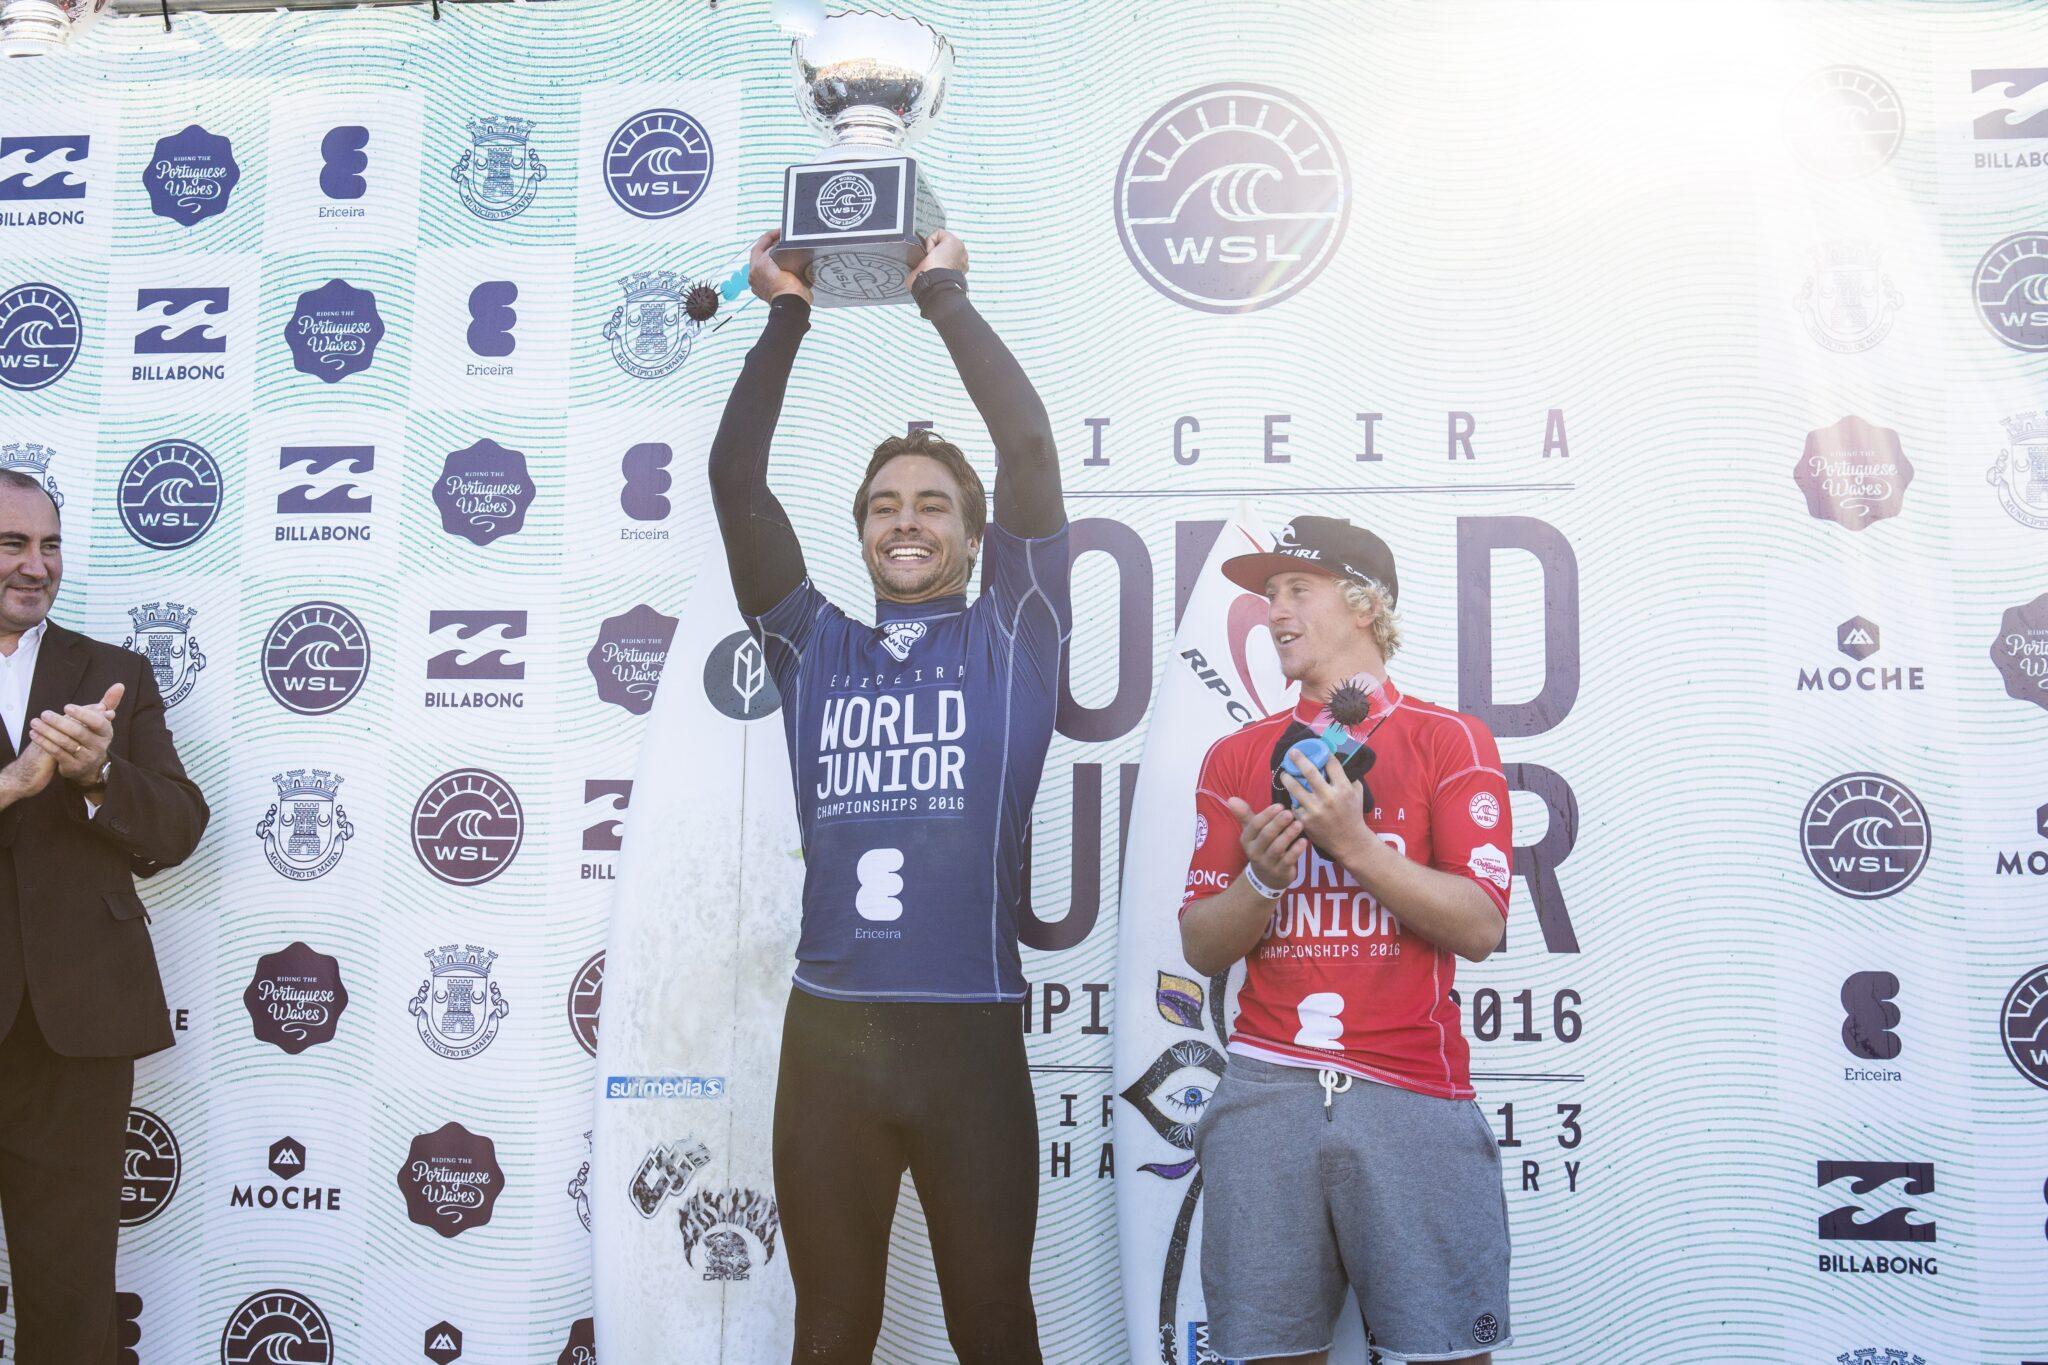 Lucas Silveira (RJ) (Masurel / WSL)